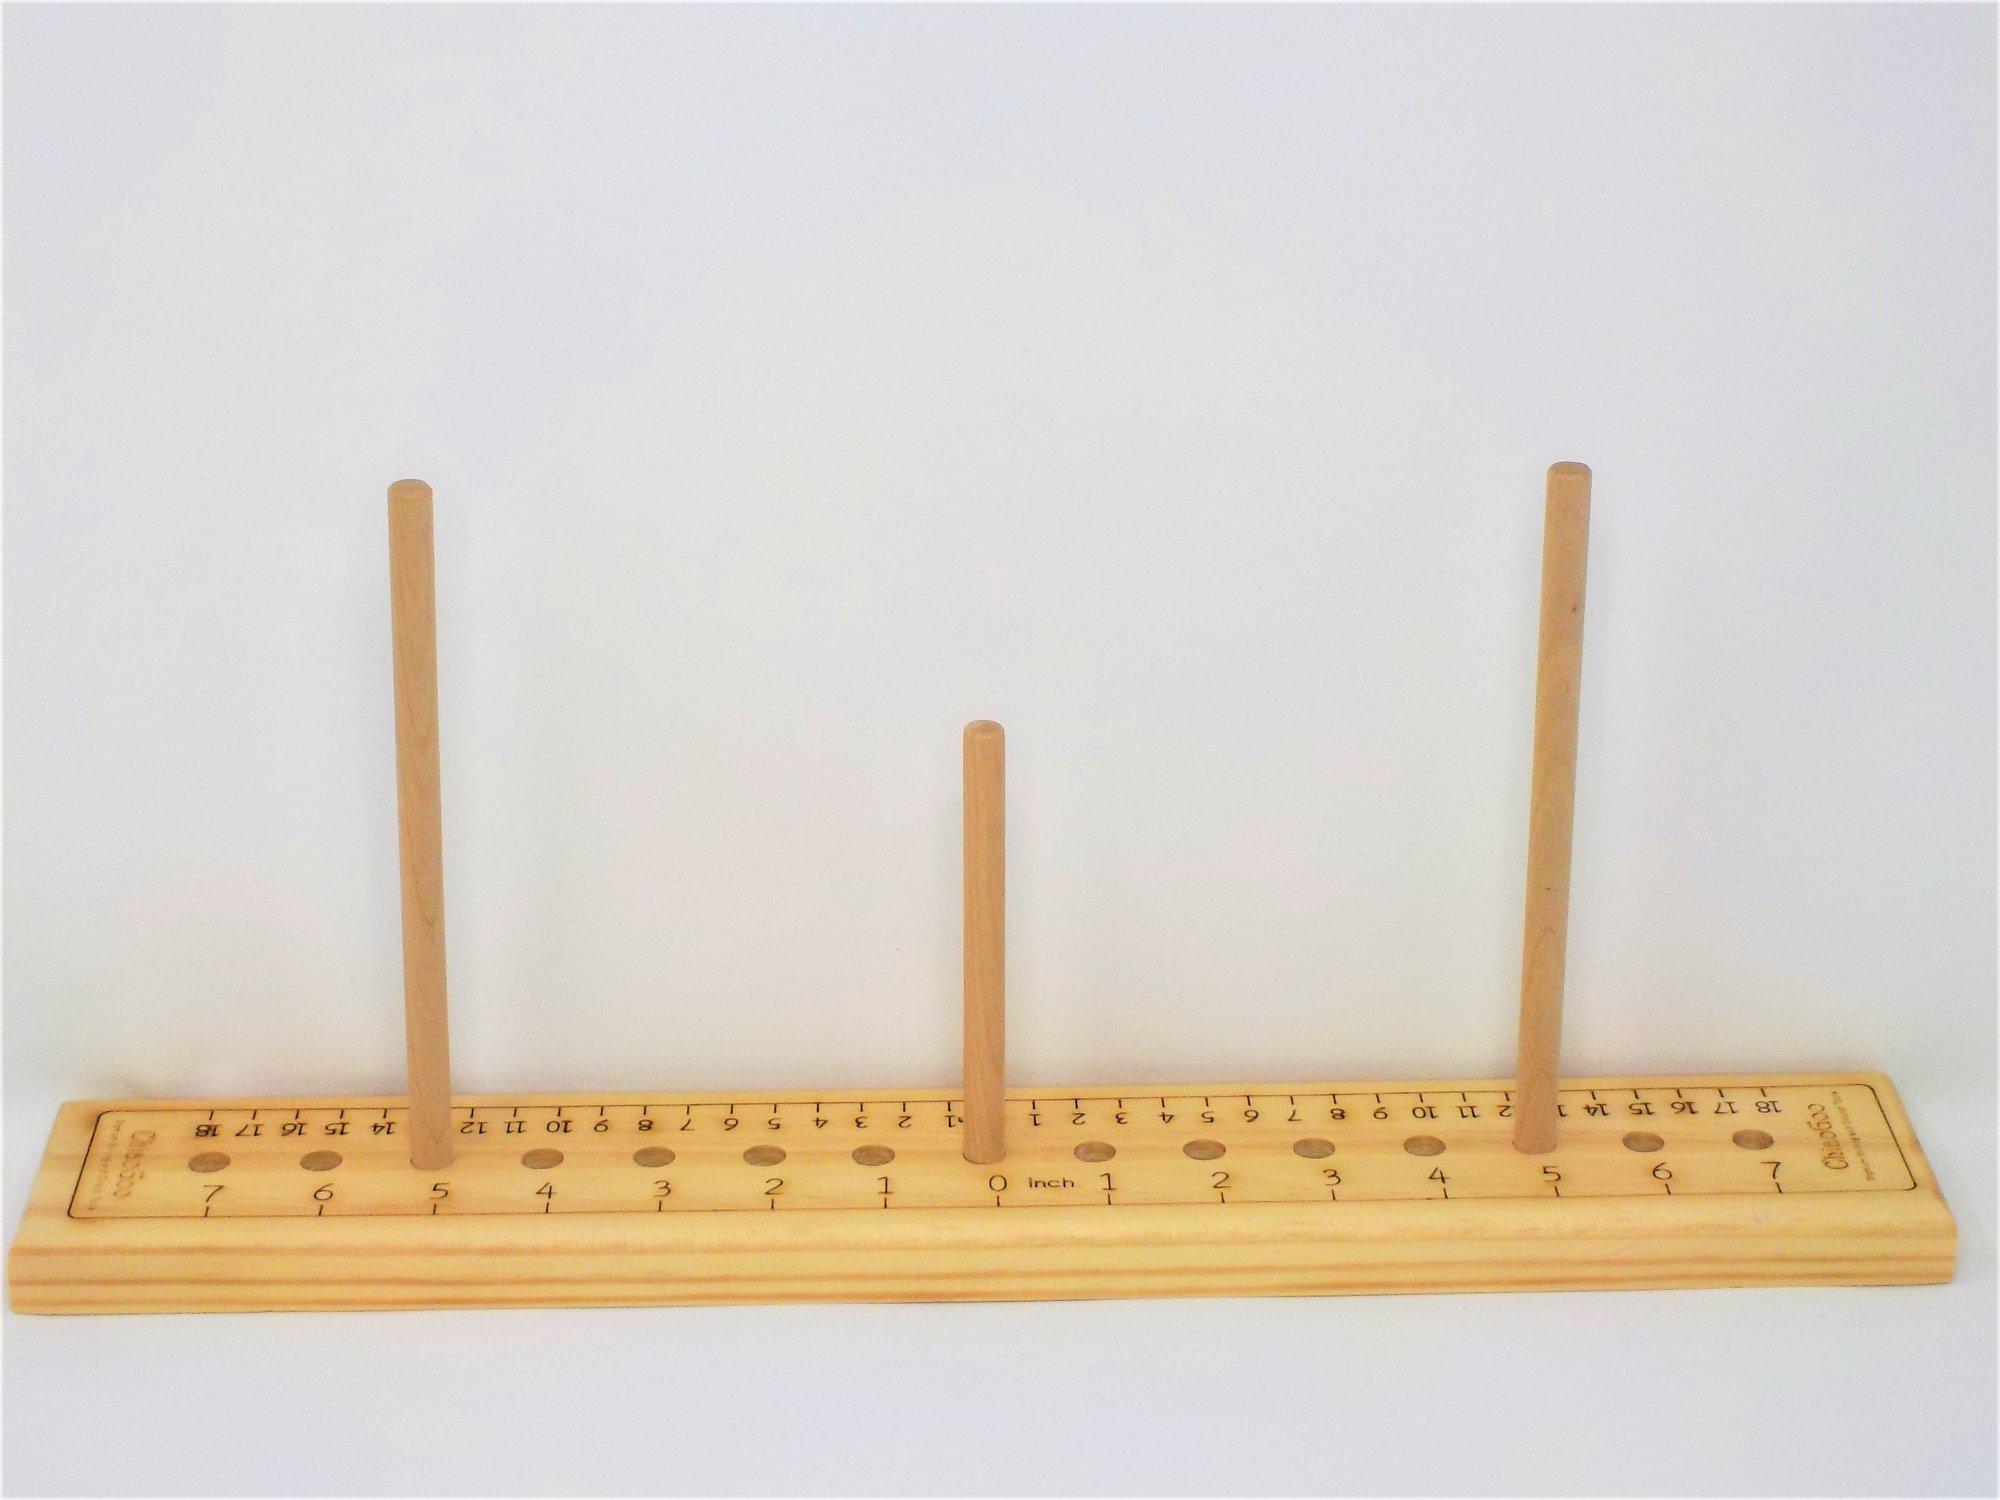 Chiao Goo Wooden Fringer